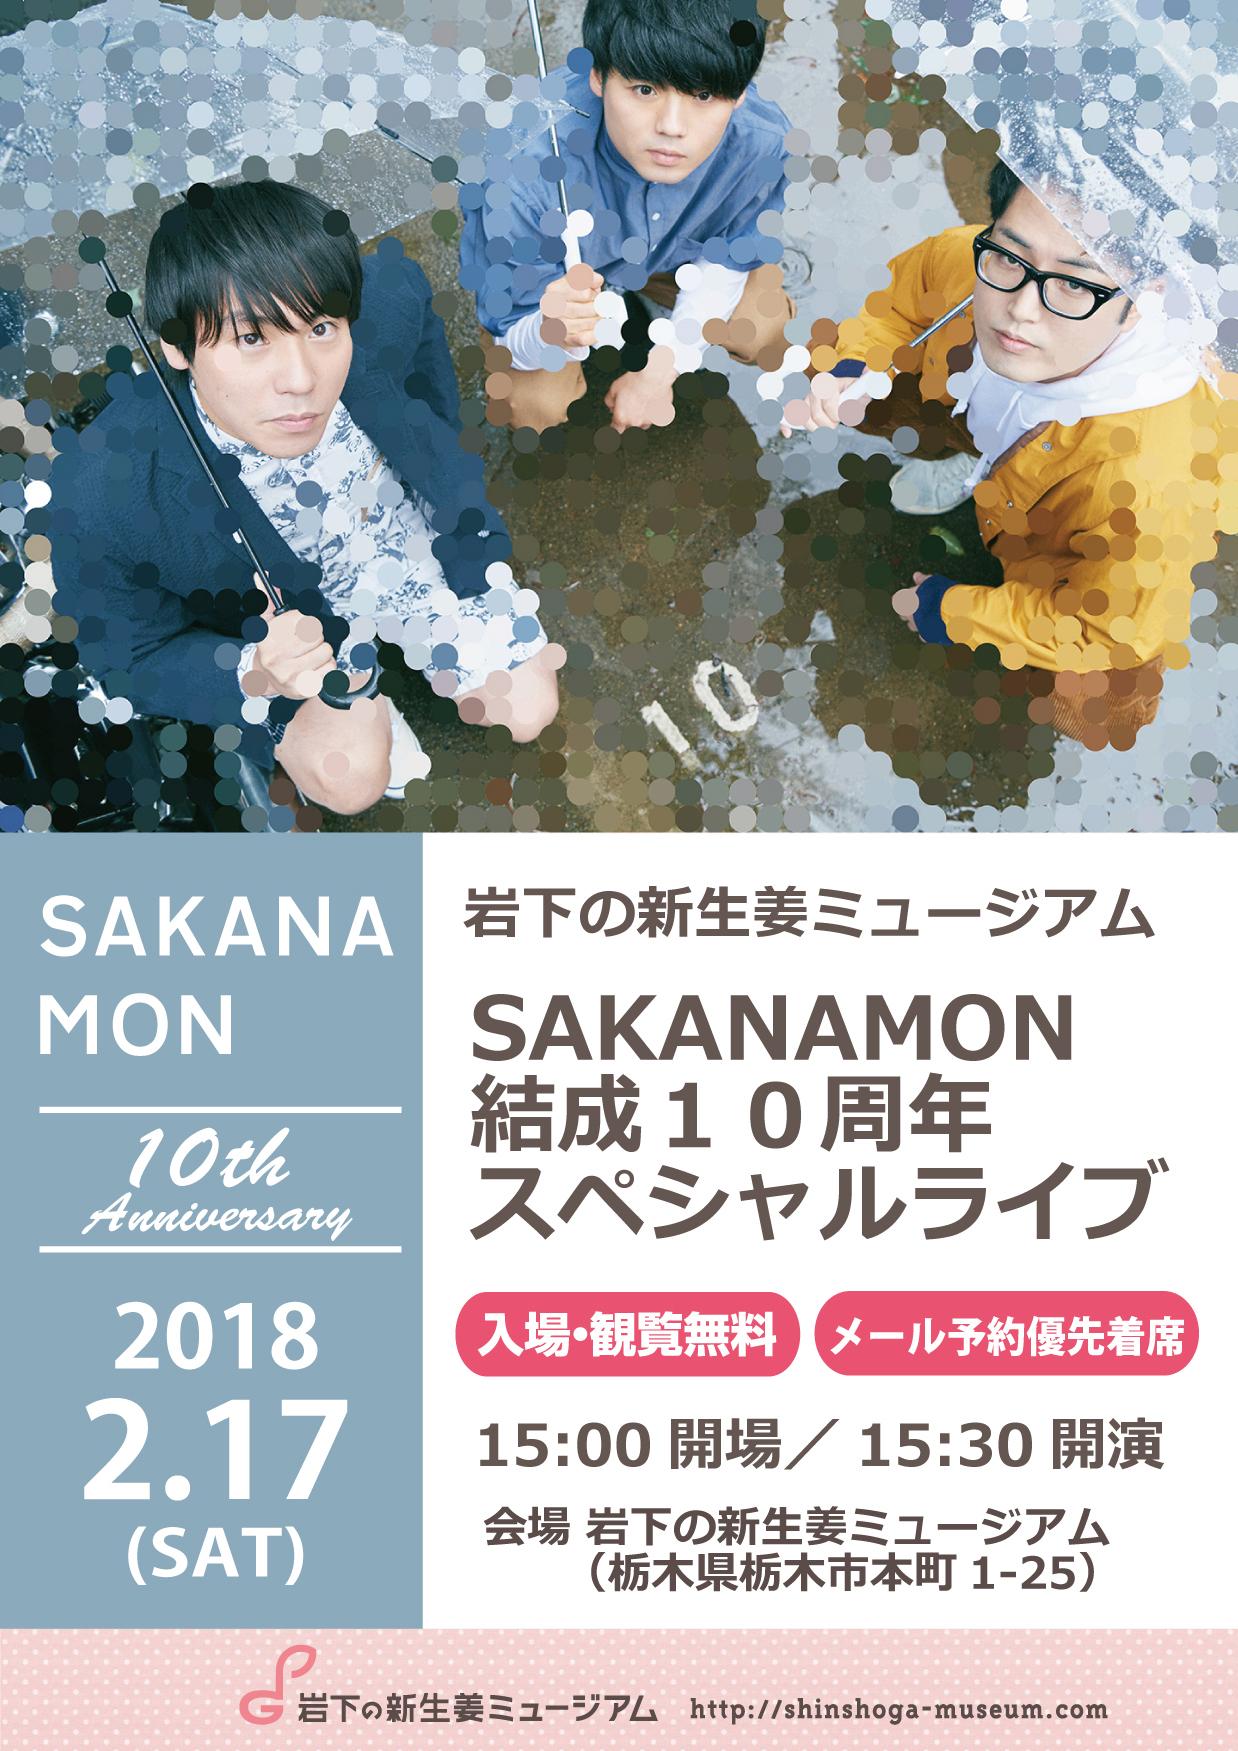 画像:岩下の新生姜ミュージアム「SAKANAMON結成10周年スペシャルライブ」ポスター